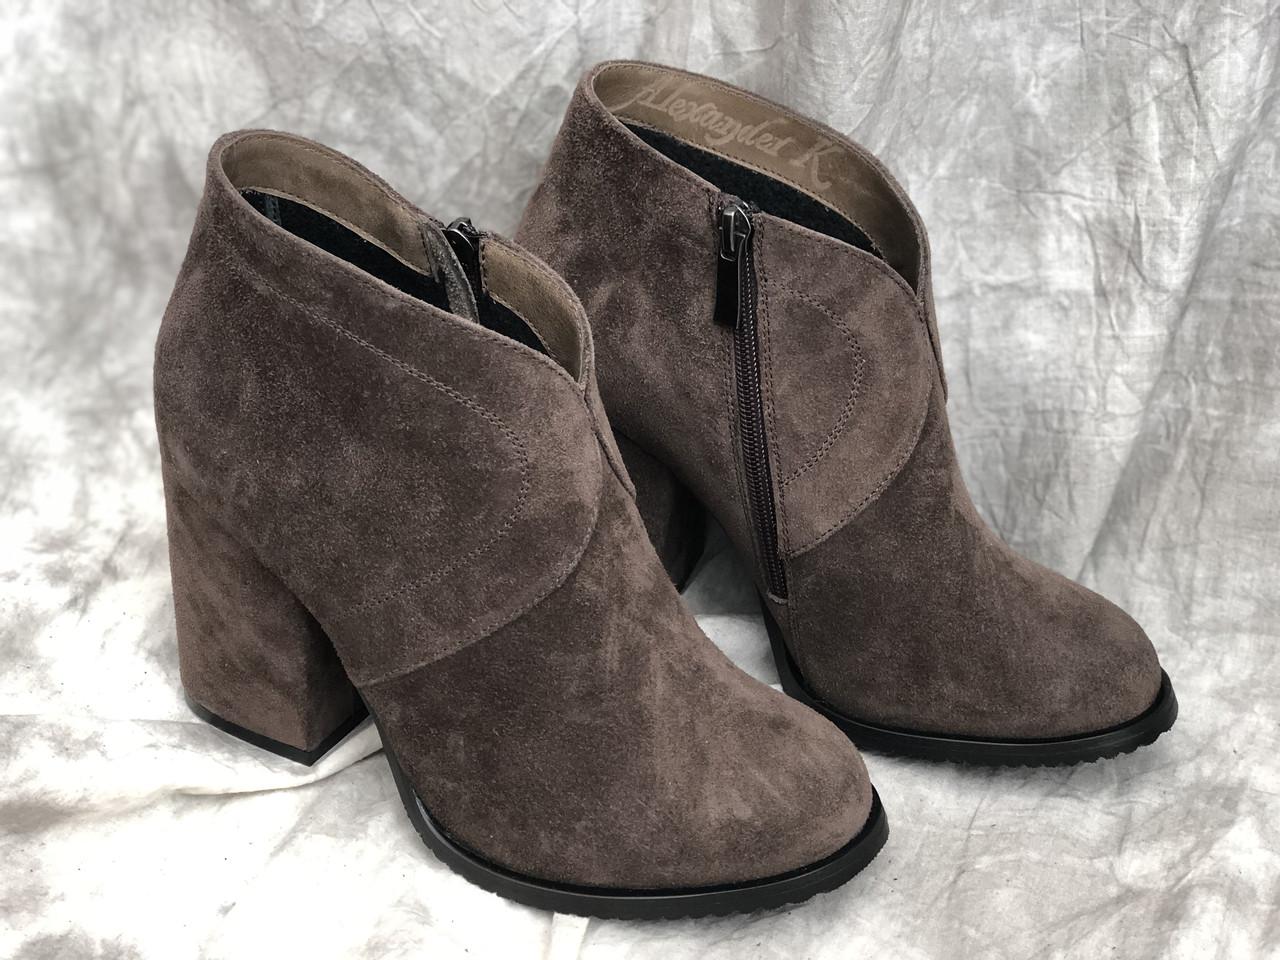 Демисезонная женская обувь из натуральной кожи, замша 778 беж размеры 38,39,40